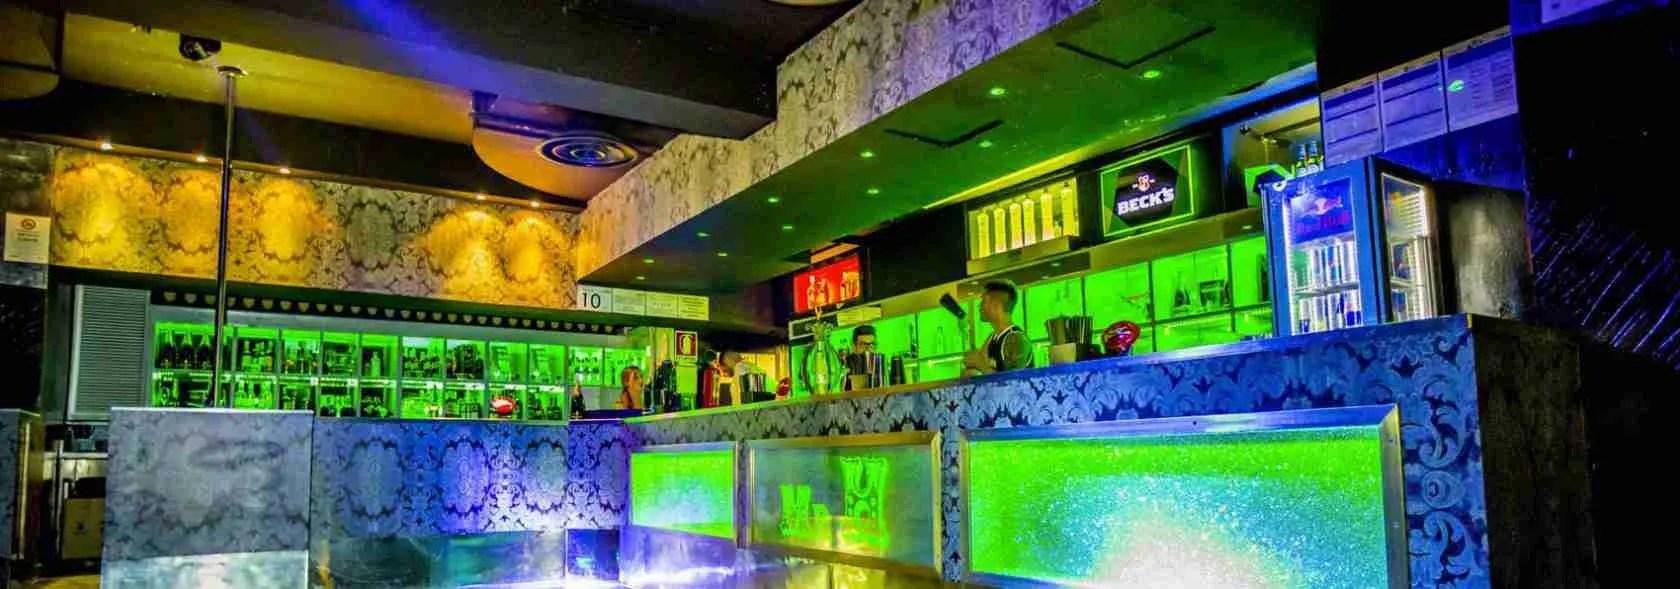 Per vivere la notte le escort Milano scelgono sempre la discoteca Hollywood dove cercare le persone giuste per i loro incontri piccanti.